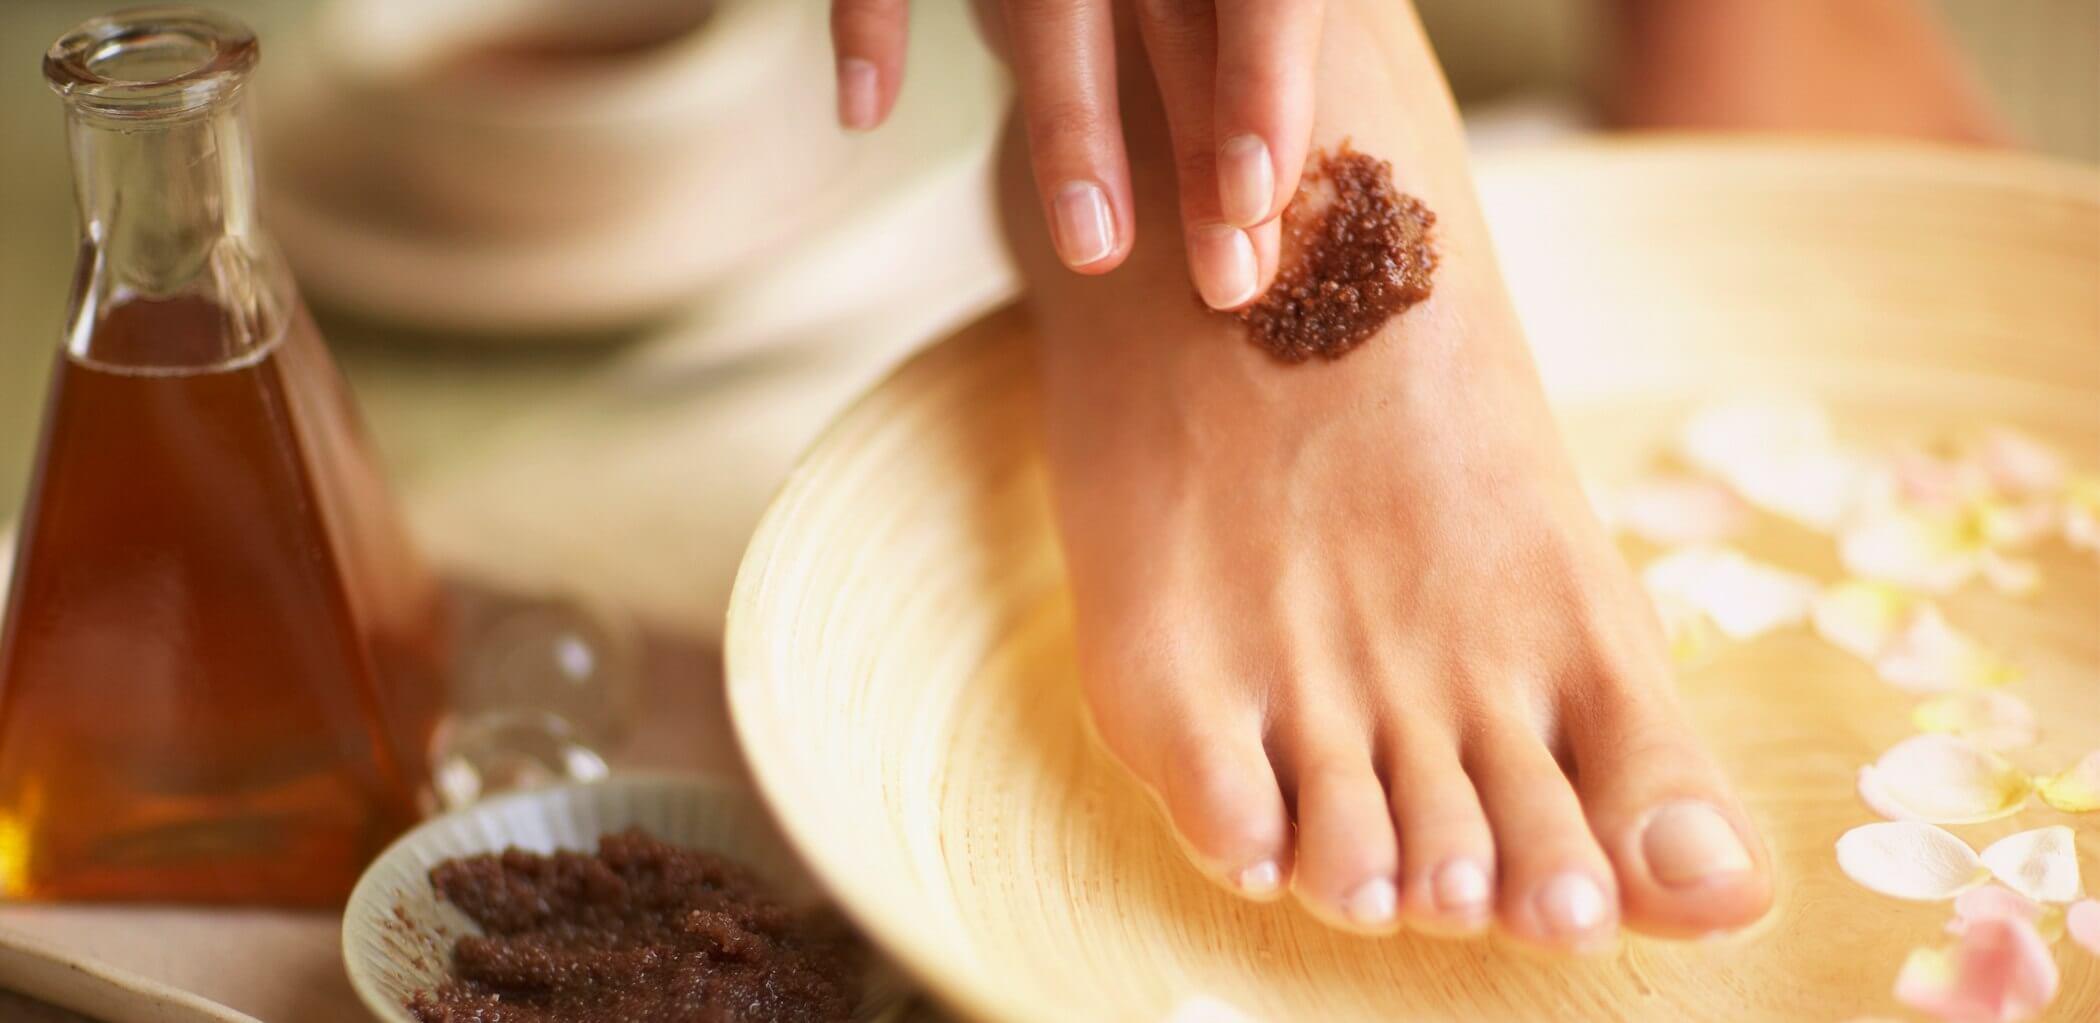 Сухая кожа на руках и ногах – причины